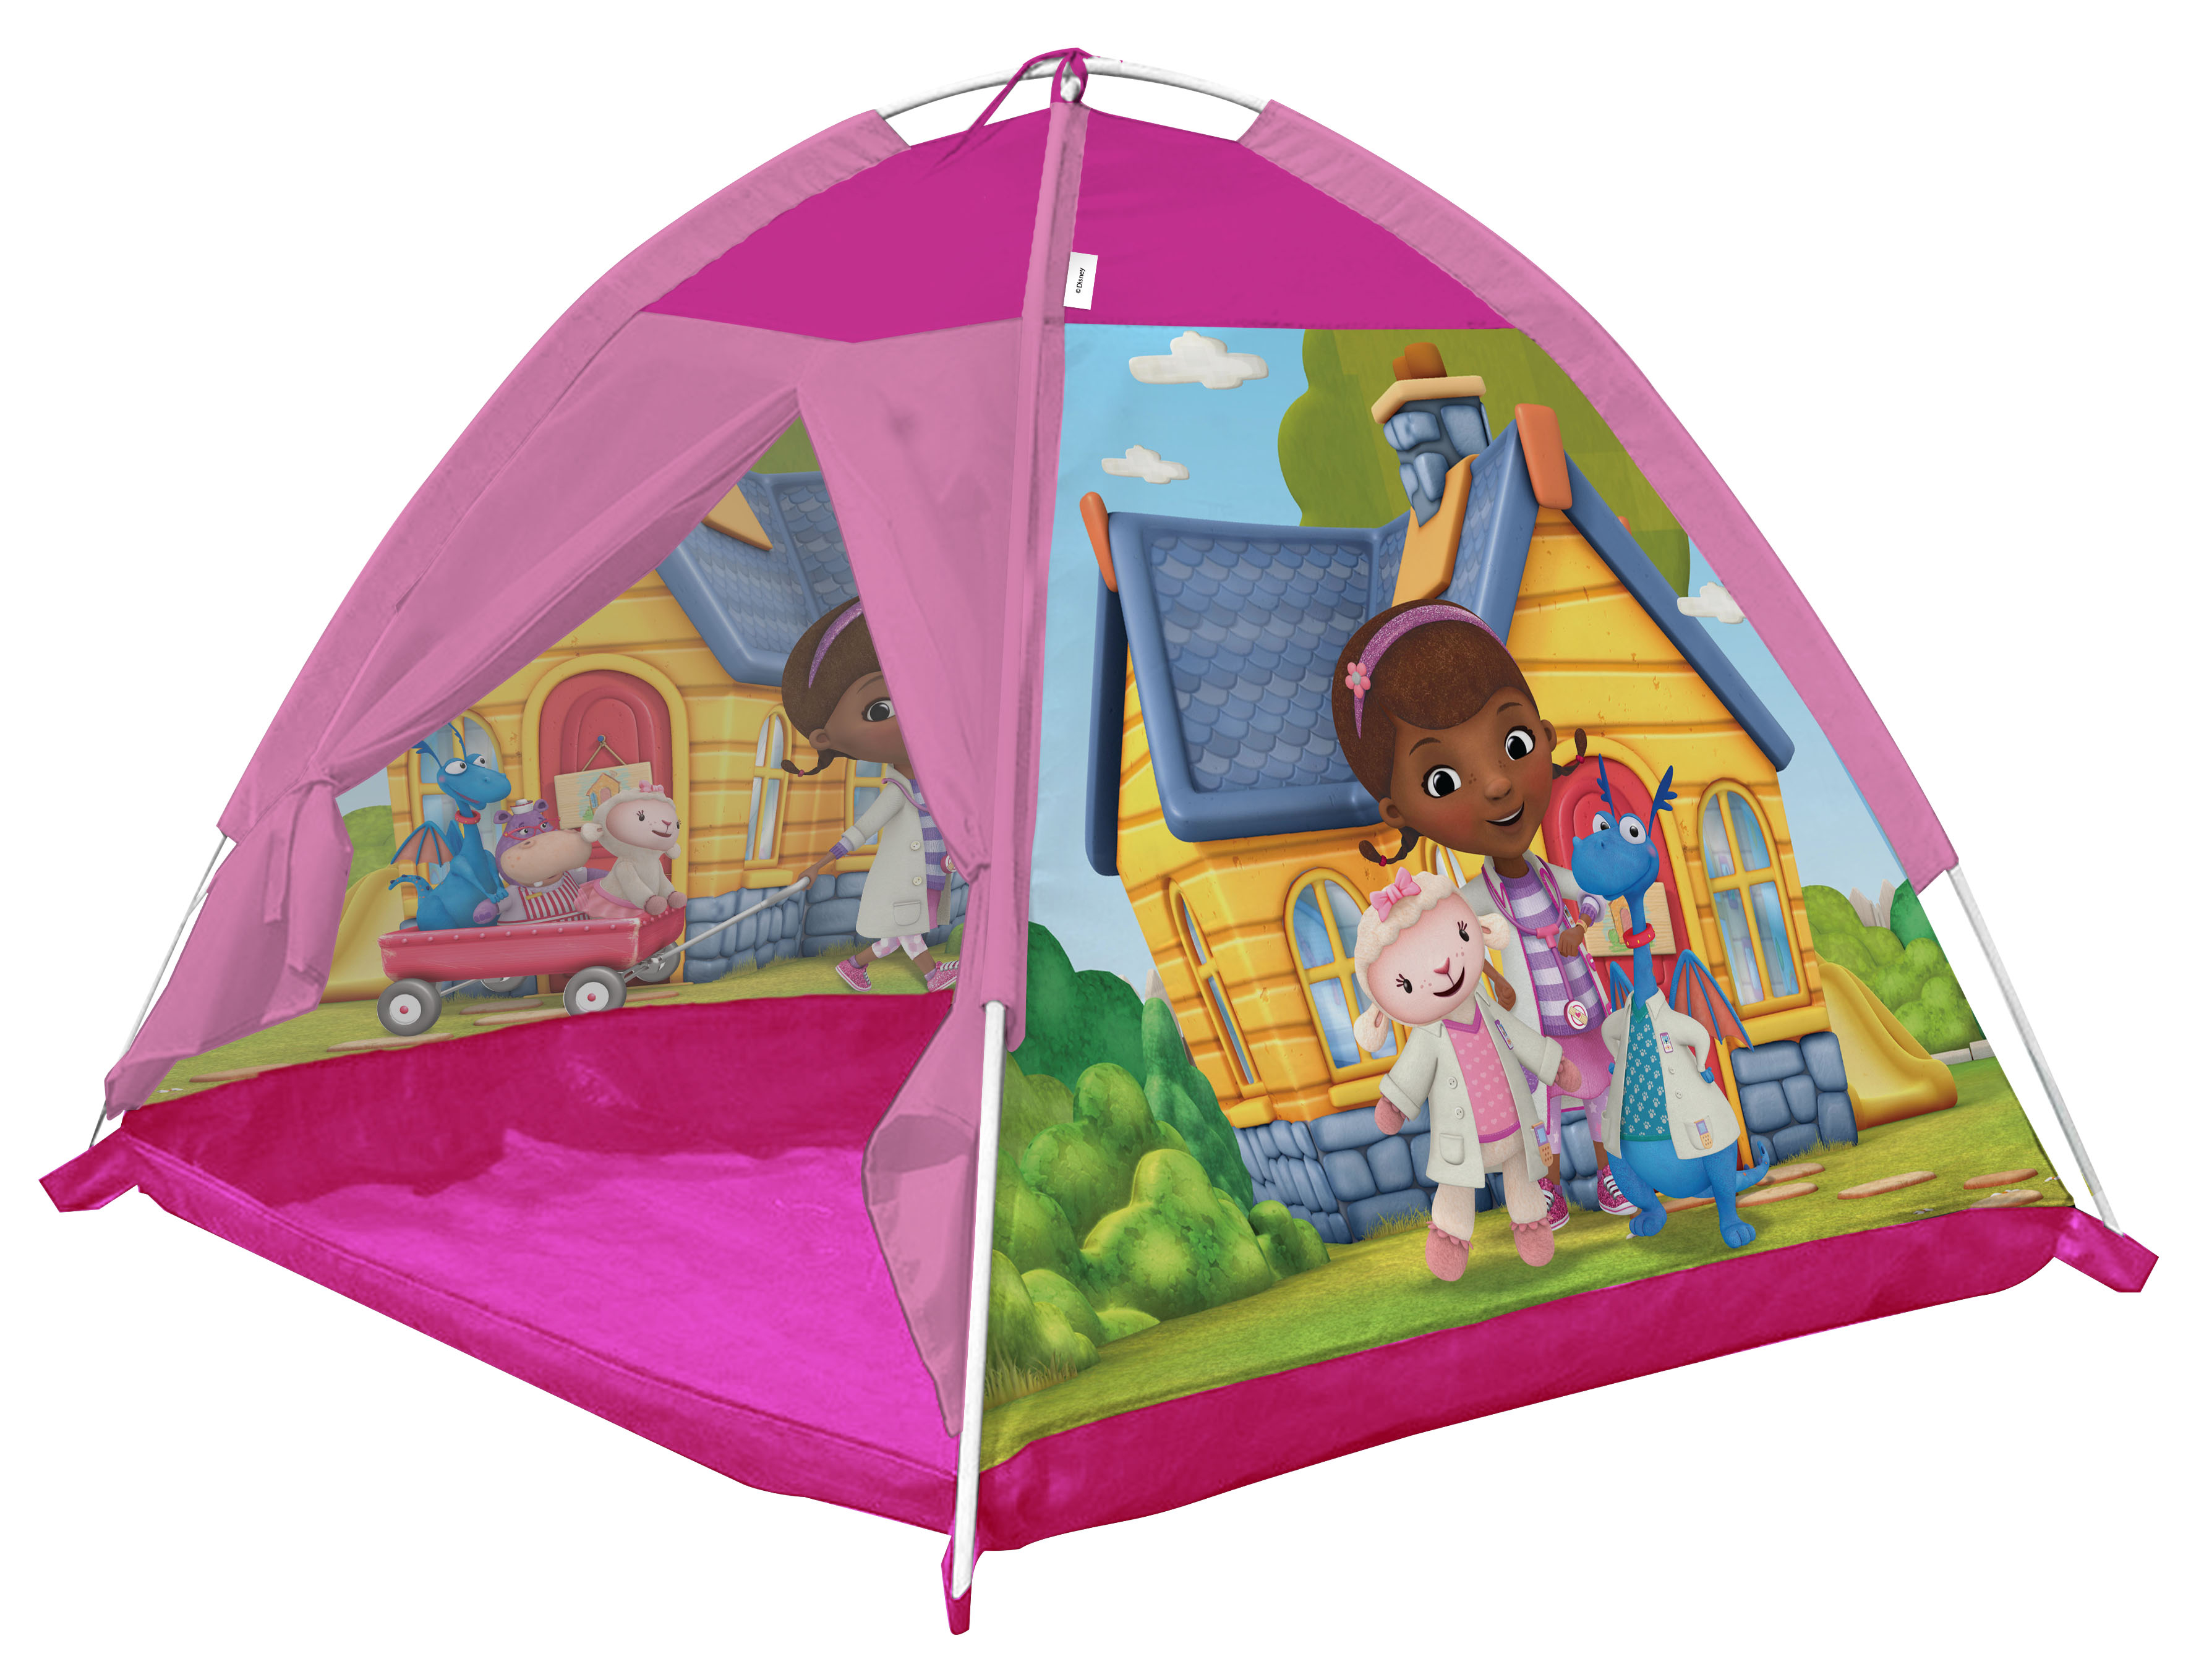 Игровые палатки ЯиГрушка Палатка игровая ЯиГрушка «Доктор Плюшева» 112х112х84 см палатка